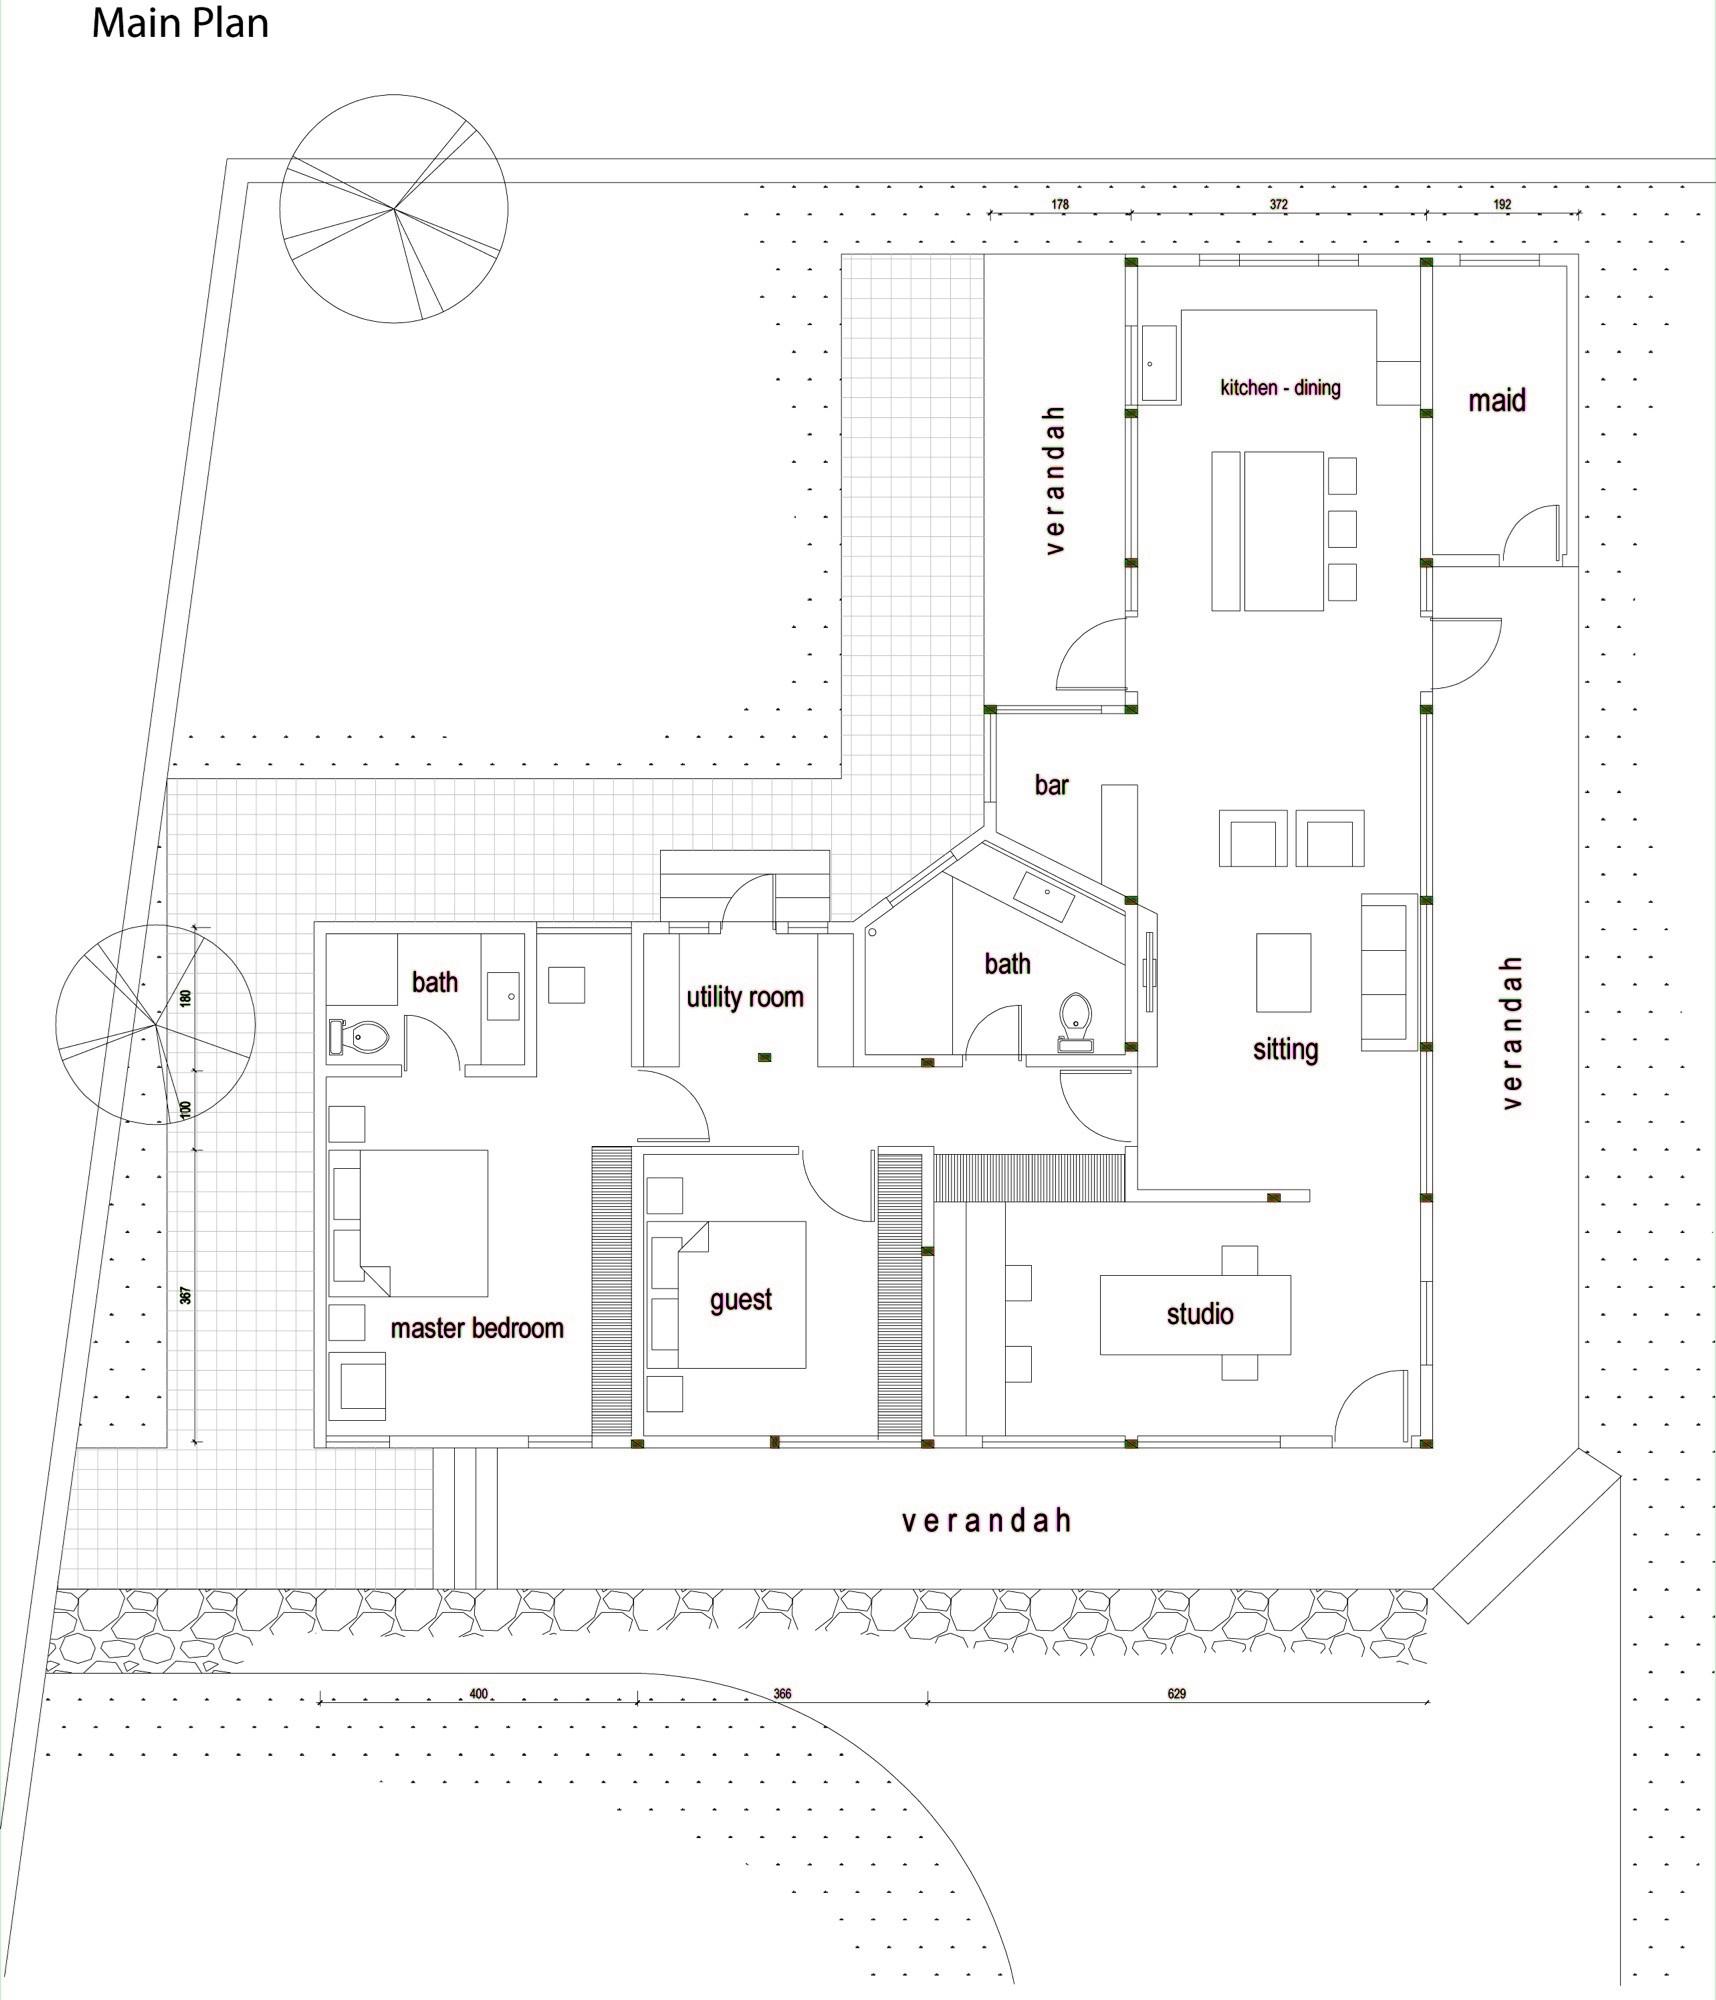 L Shaped Bathroom Floor Plans: Gallery Of Nel Sedone / EarthStudio